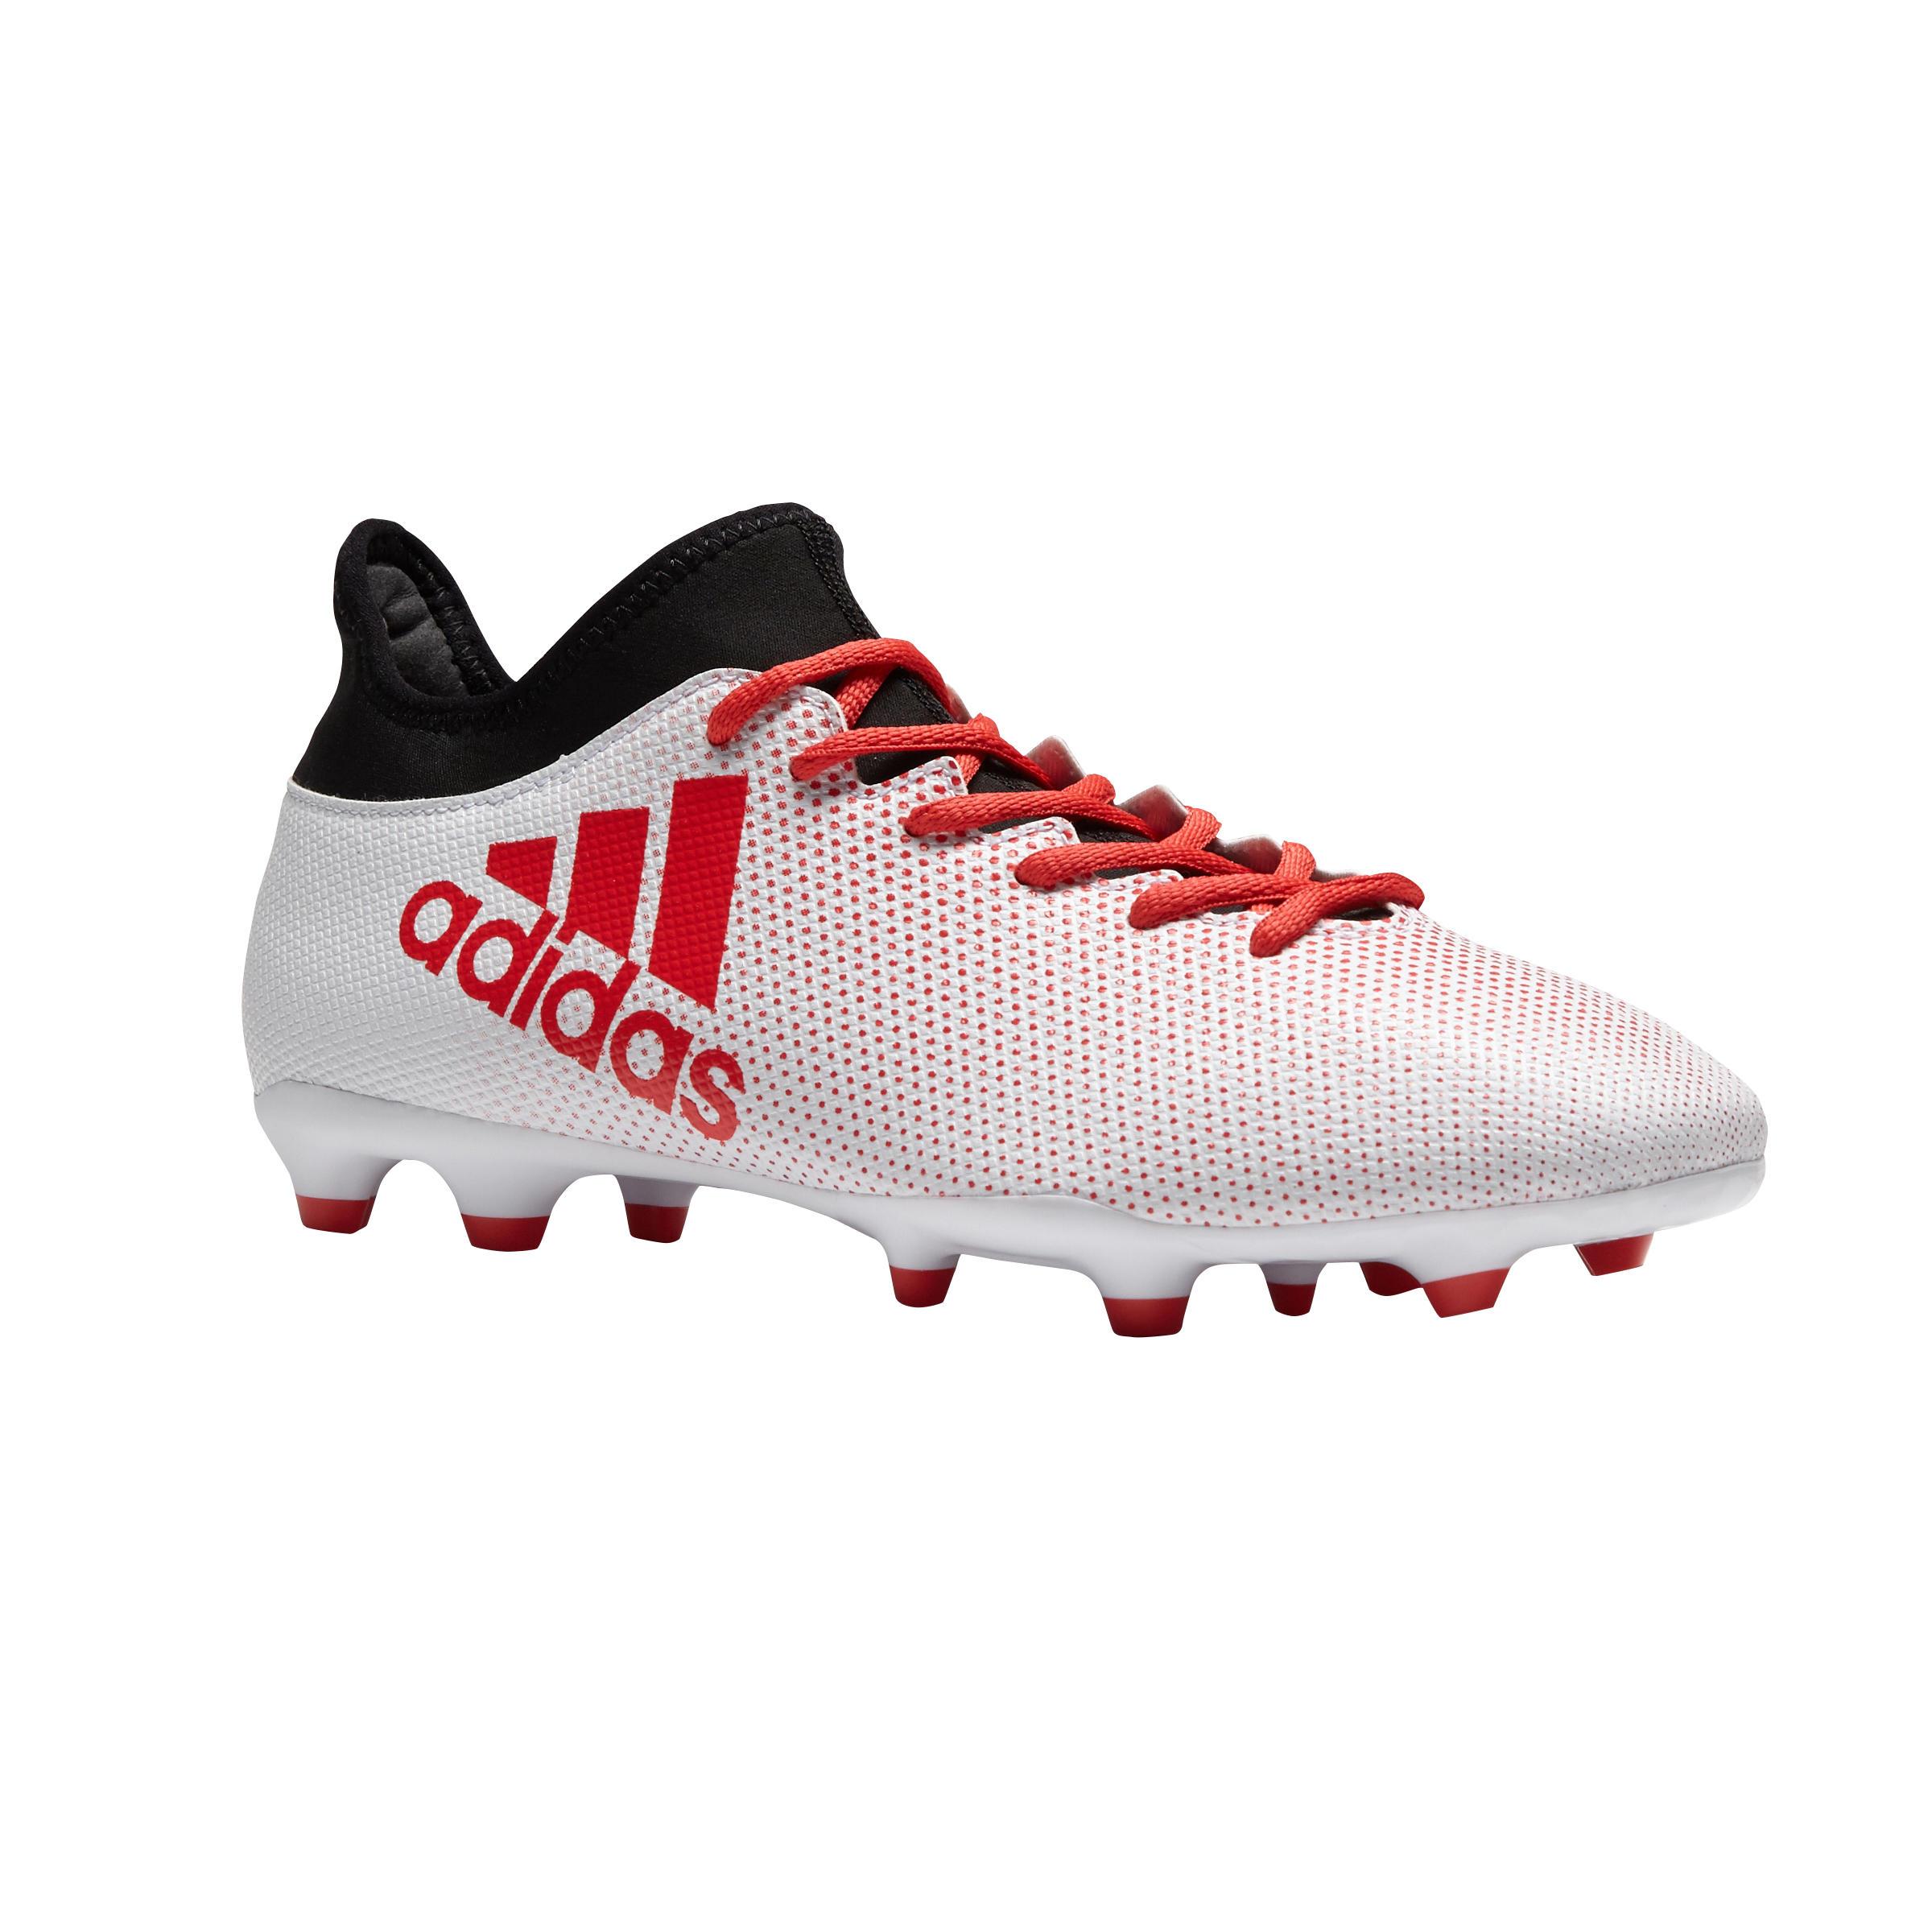 Adidas Voetbalschoenen X 17.3 FG volwassenen wit